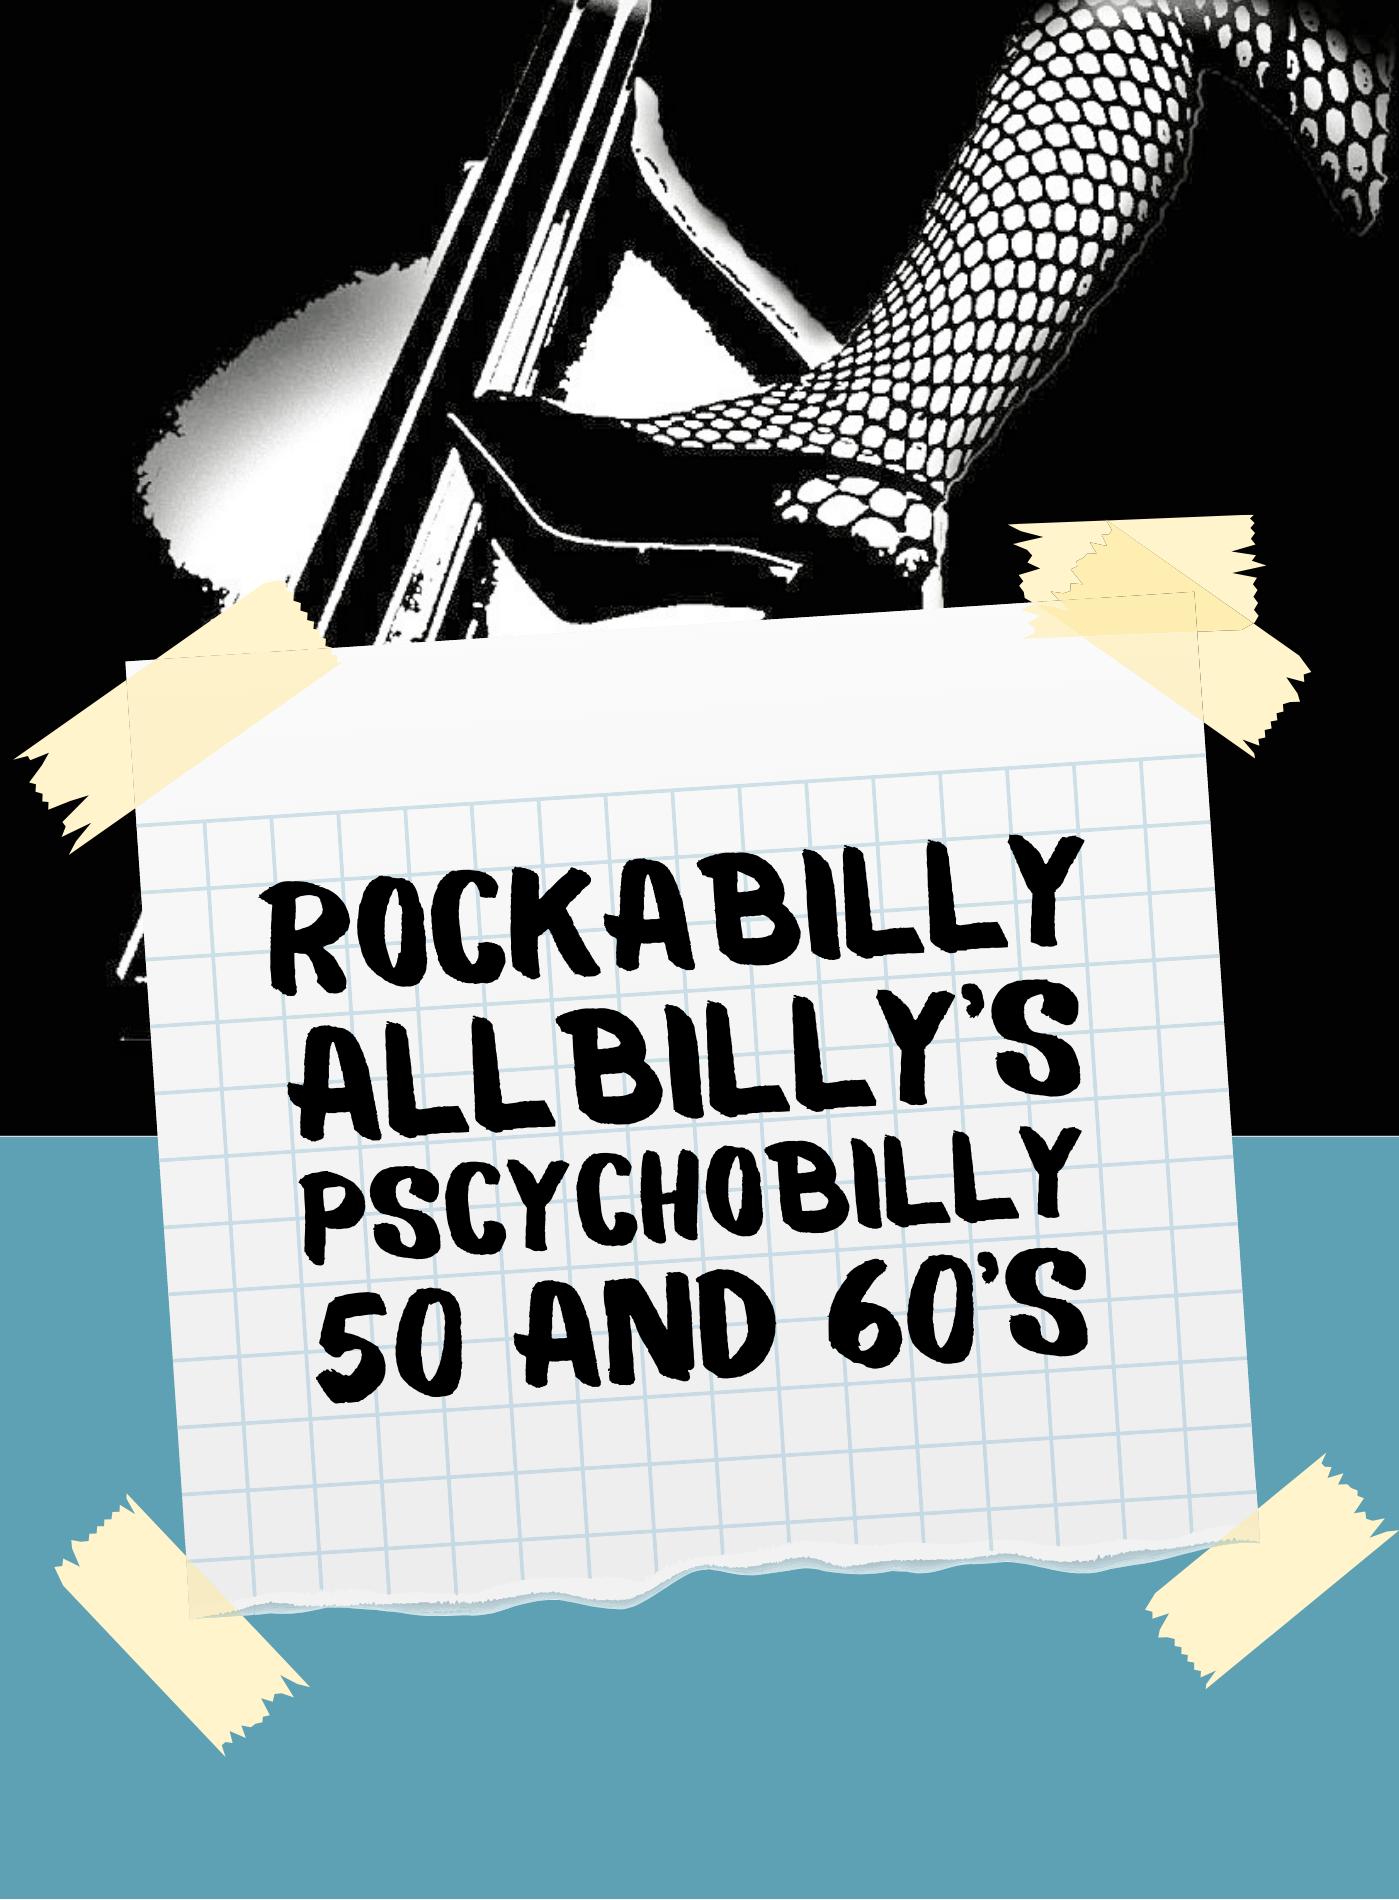 ALLBILLY'S - Sjokk Rock